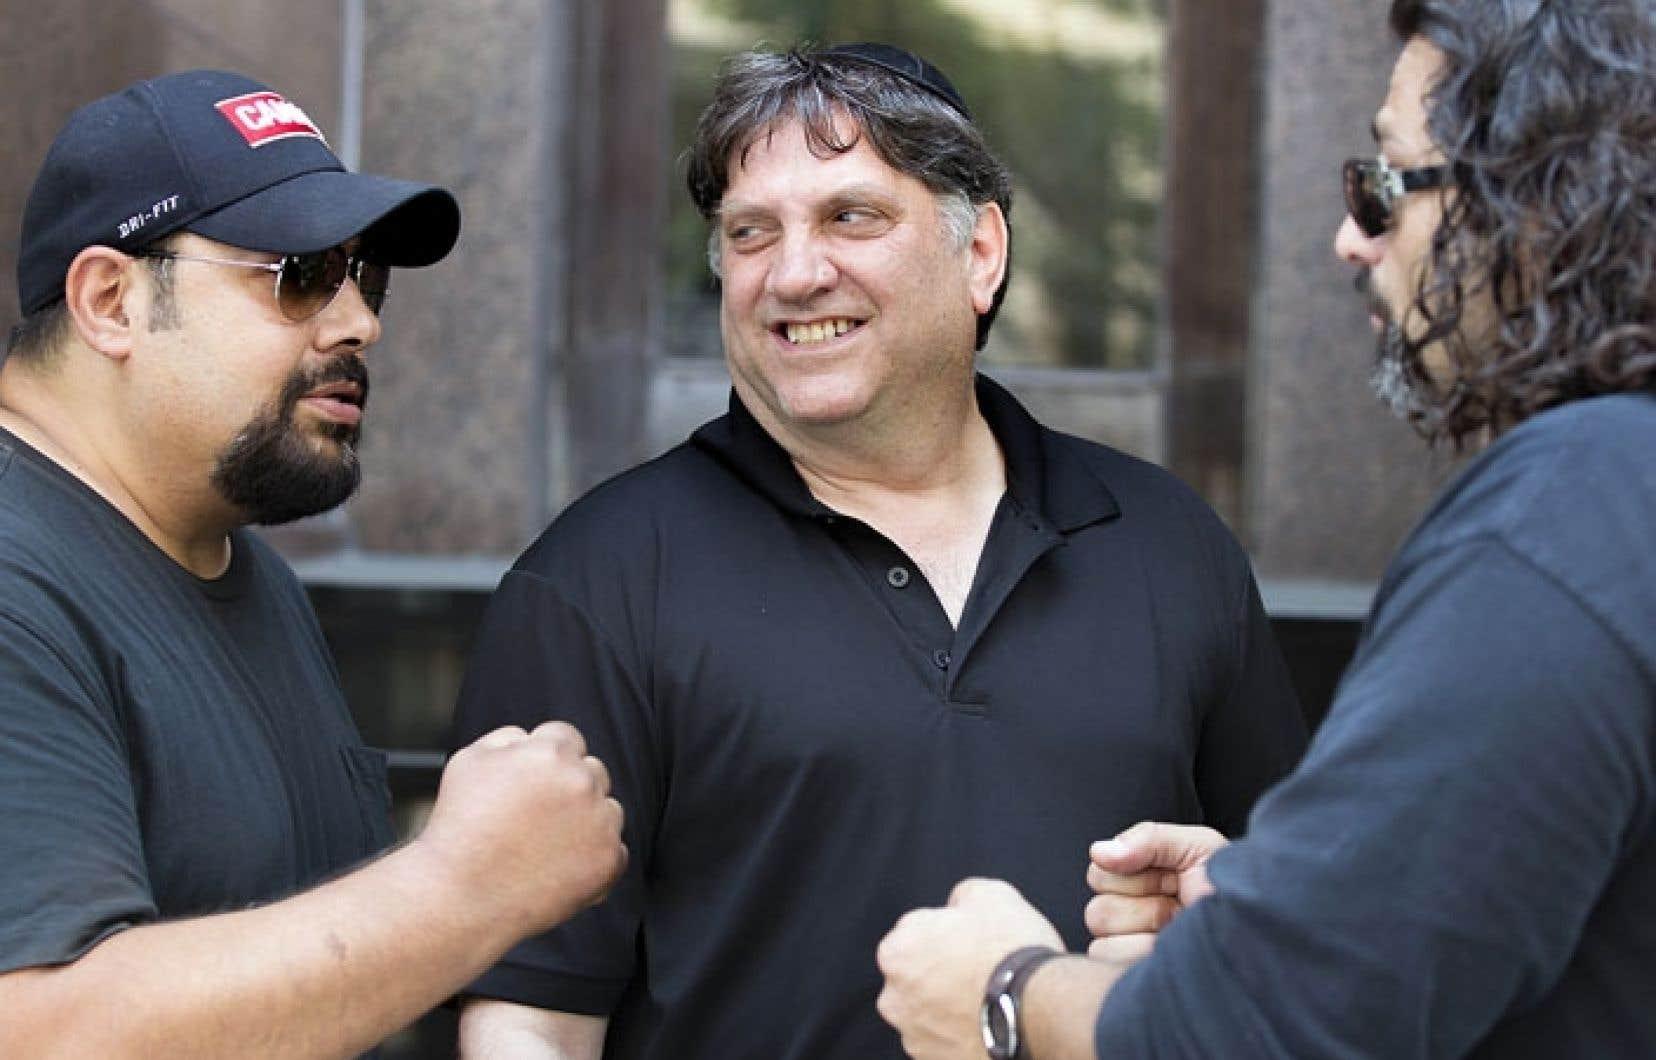 N'approche pas le directeur de la LDJ canadienne qui veut. Des hommes à l'allure imposante filtrent les interlocuteurs de Meir Weinstein (au centre).